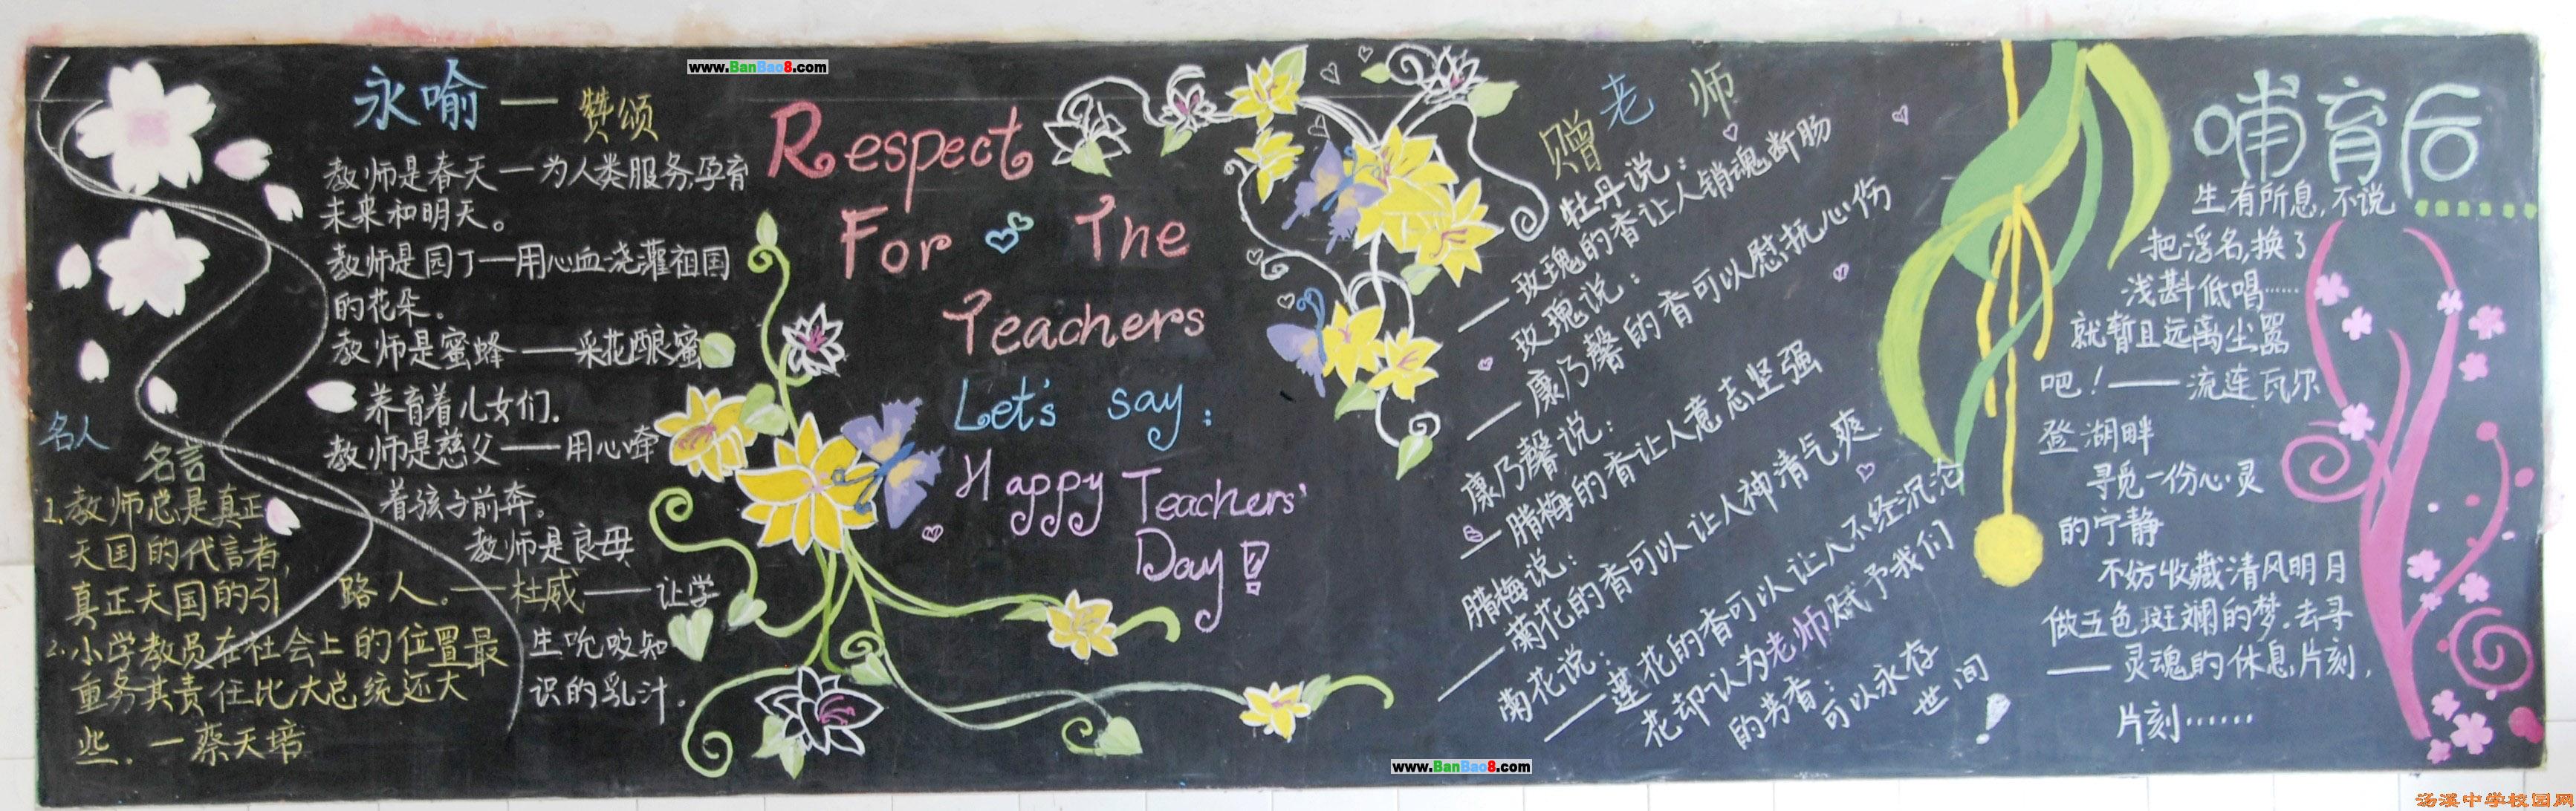 设计图分享 高中黑板报教师节边框 设计图 > 教师节黑板报:感恩教师节